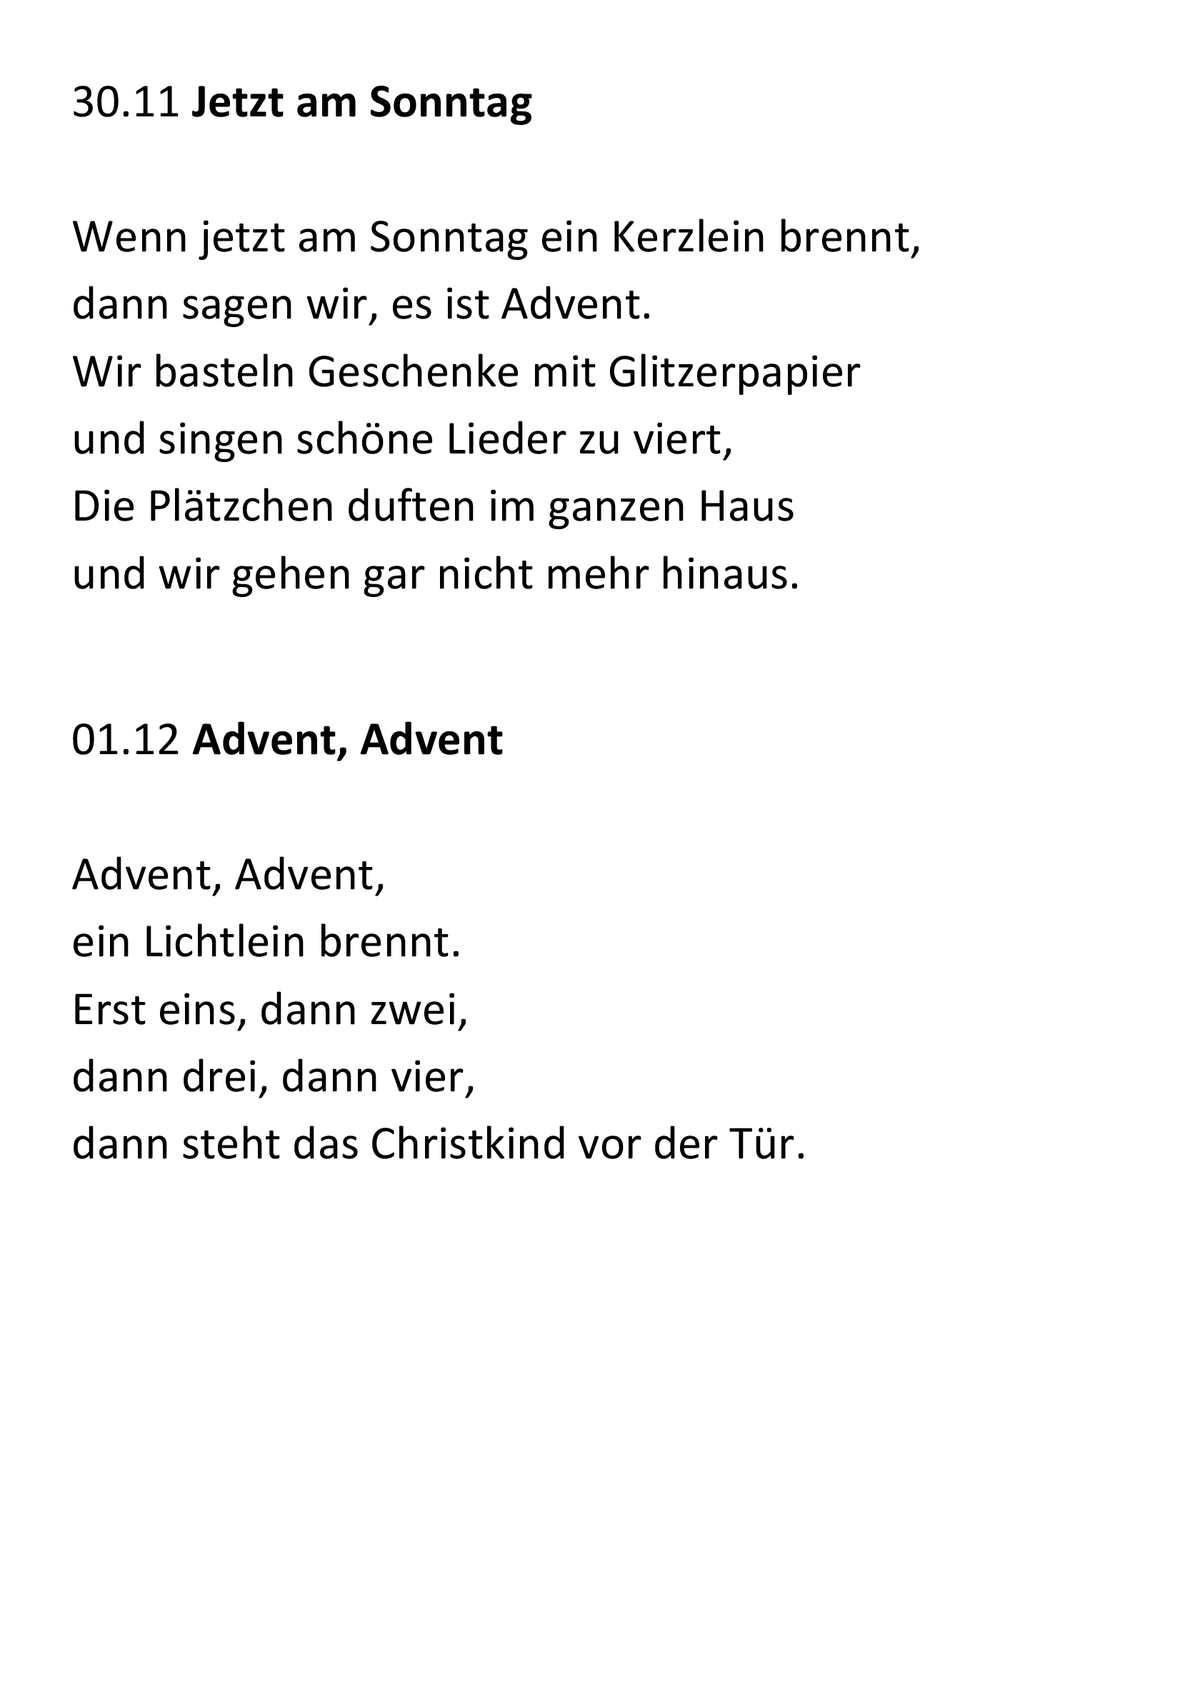 Weihnachtsgedichte deutscher dichter